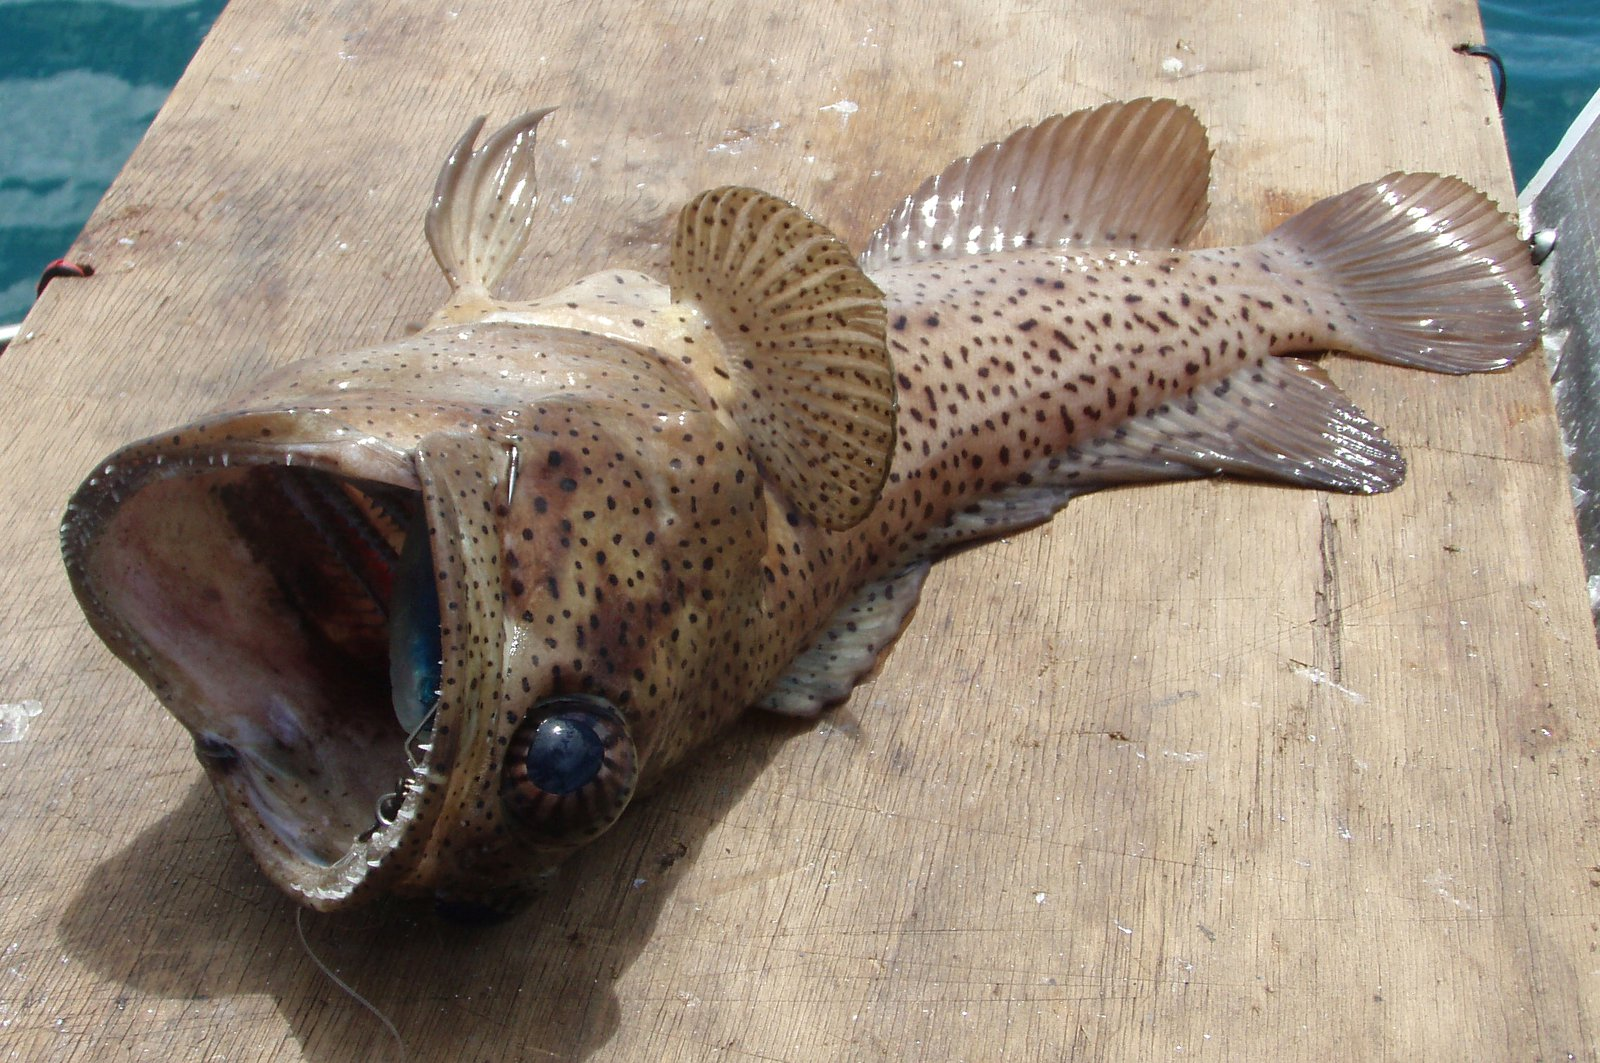 Papuan Jawfish, Opistognathus papuensis